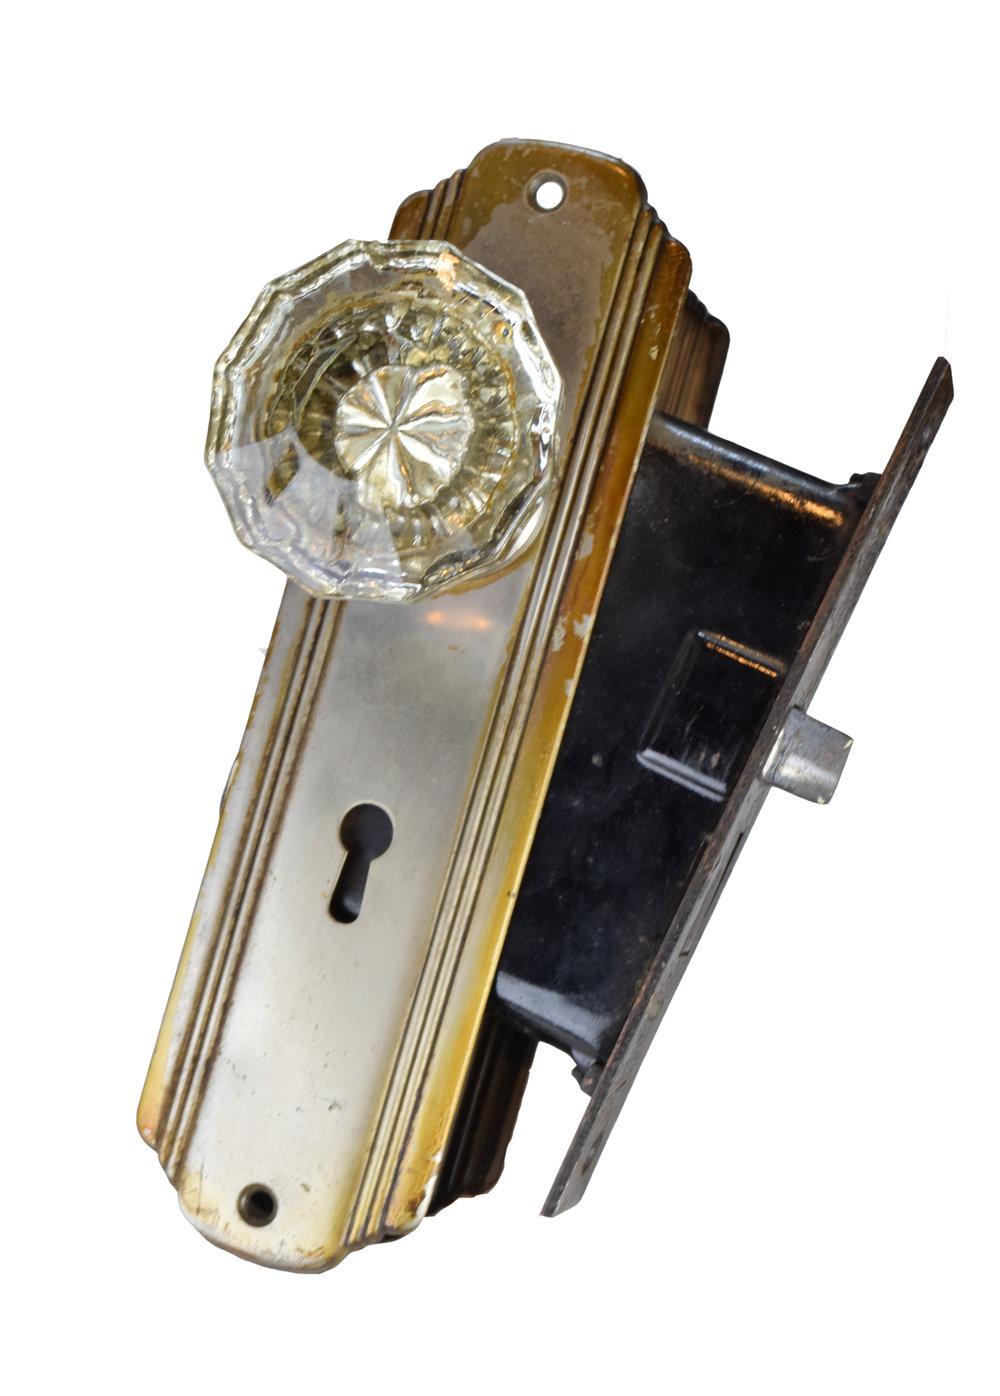 H20135-glass-knobs-streamline-plates-full3.jpg